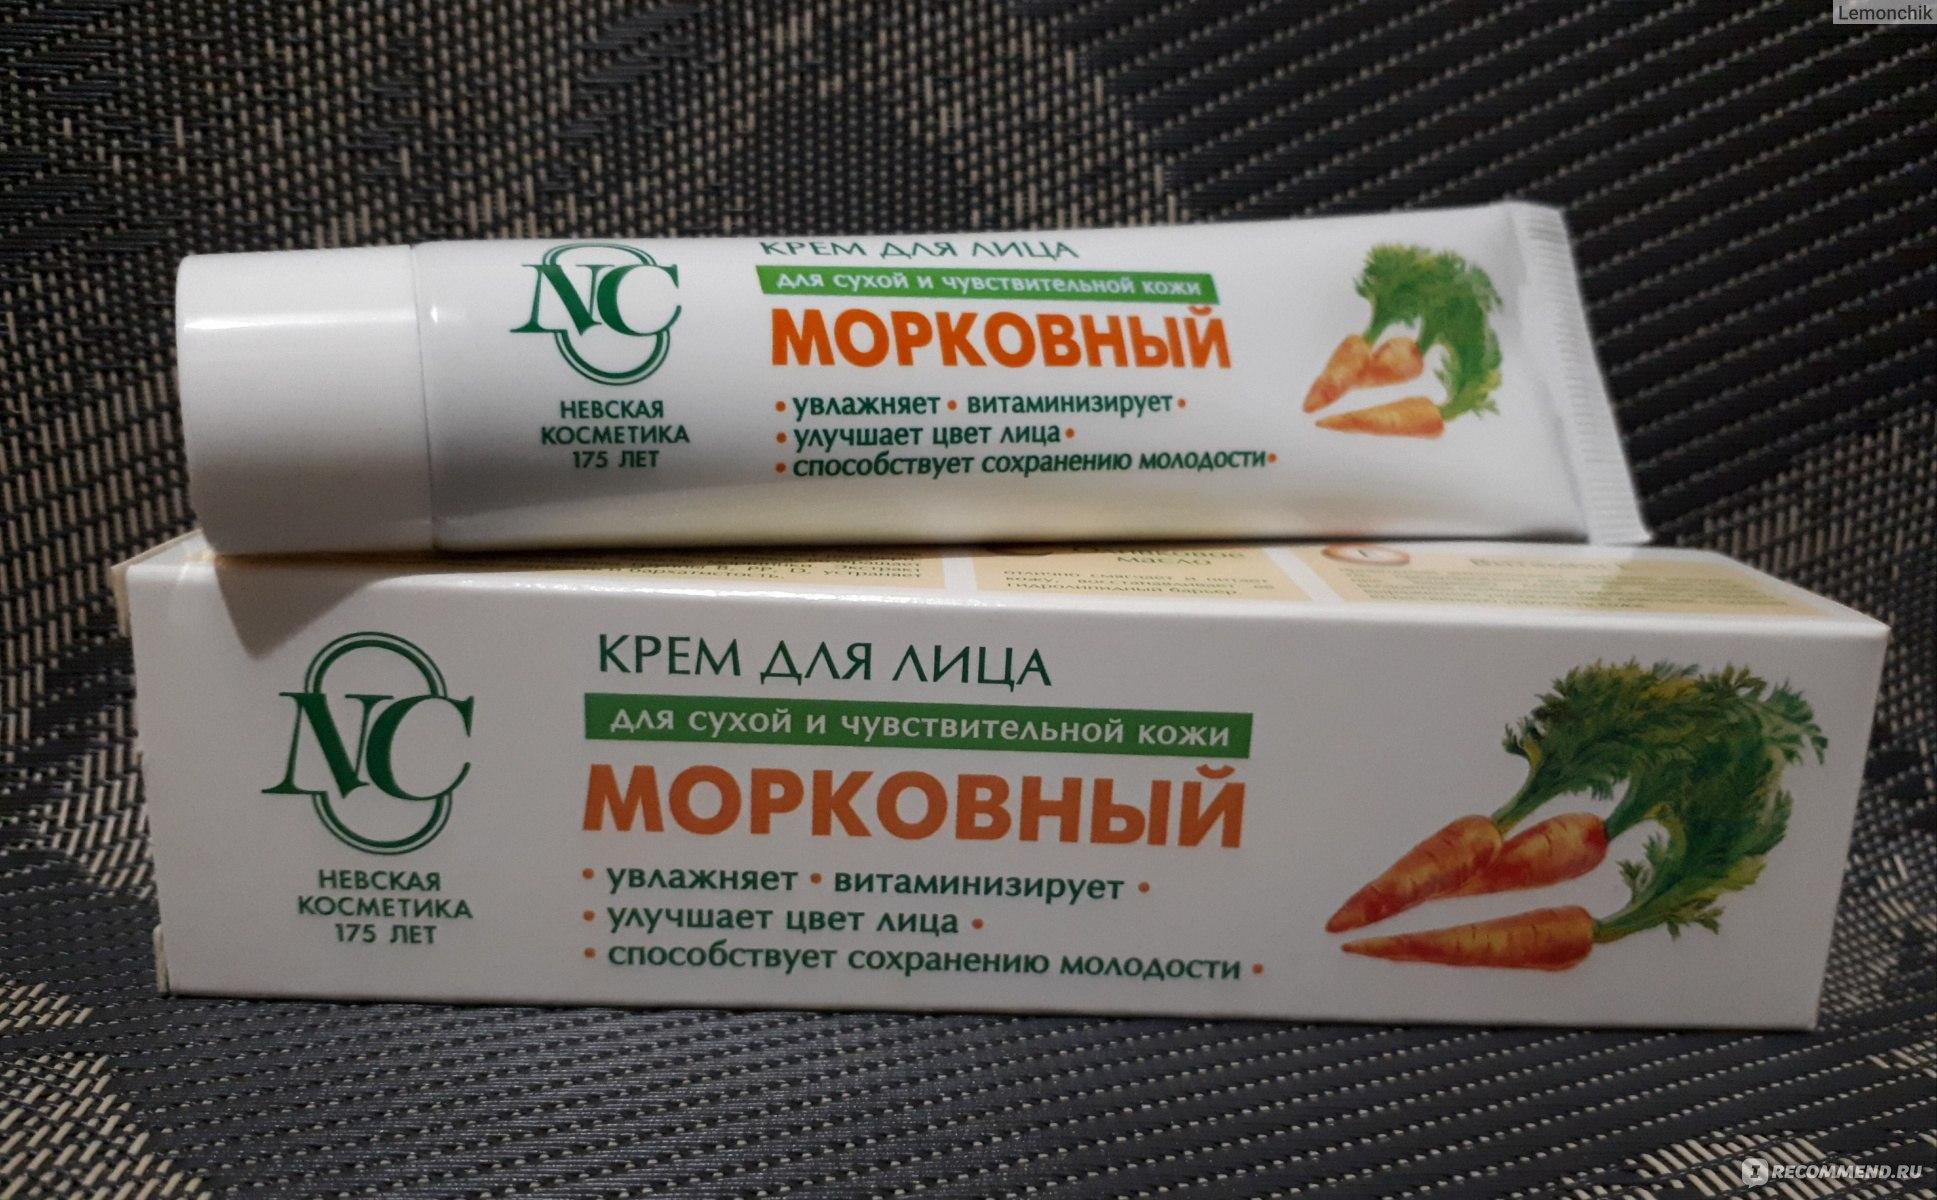 Невская косметика крем морковный купить эйвон миасс